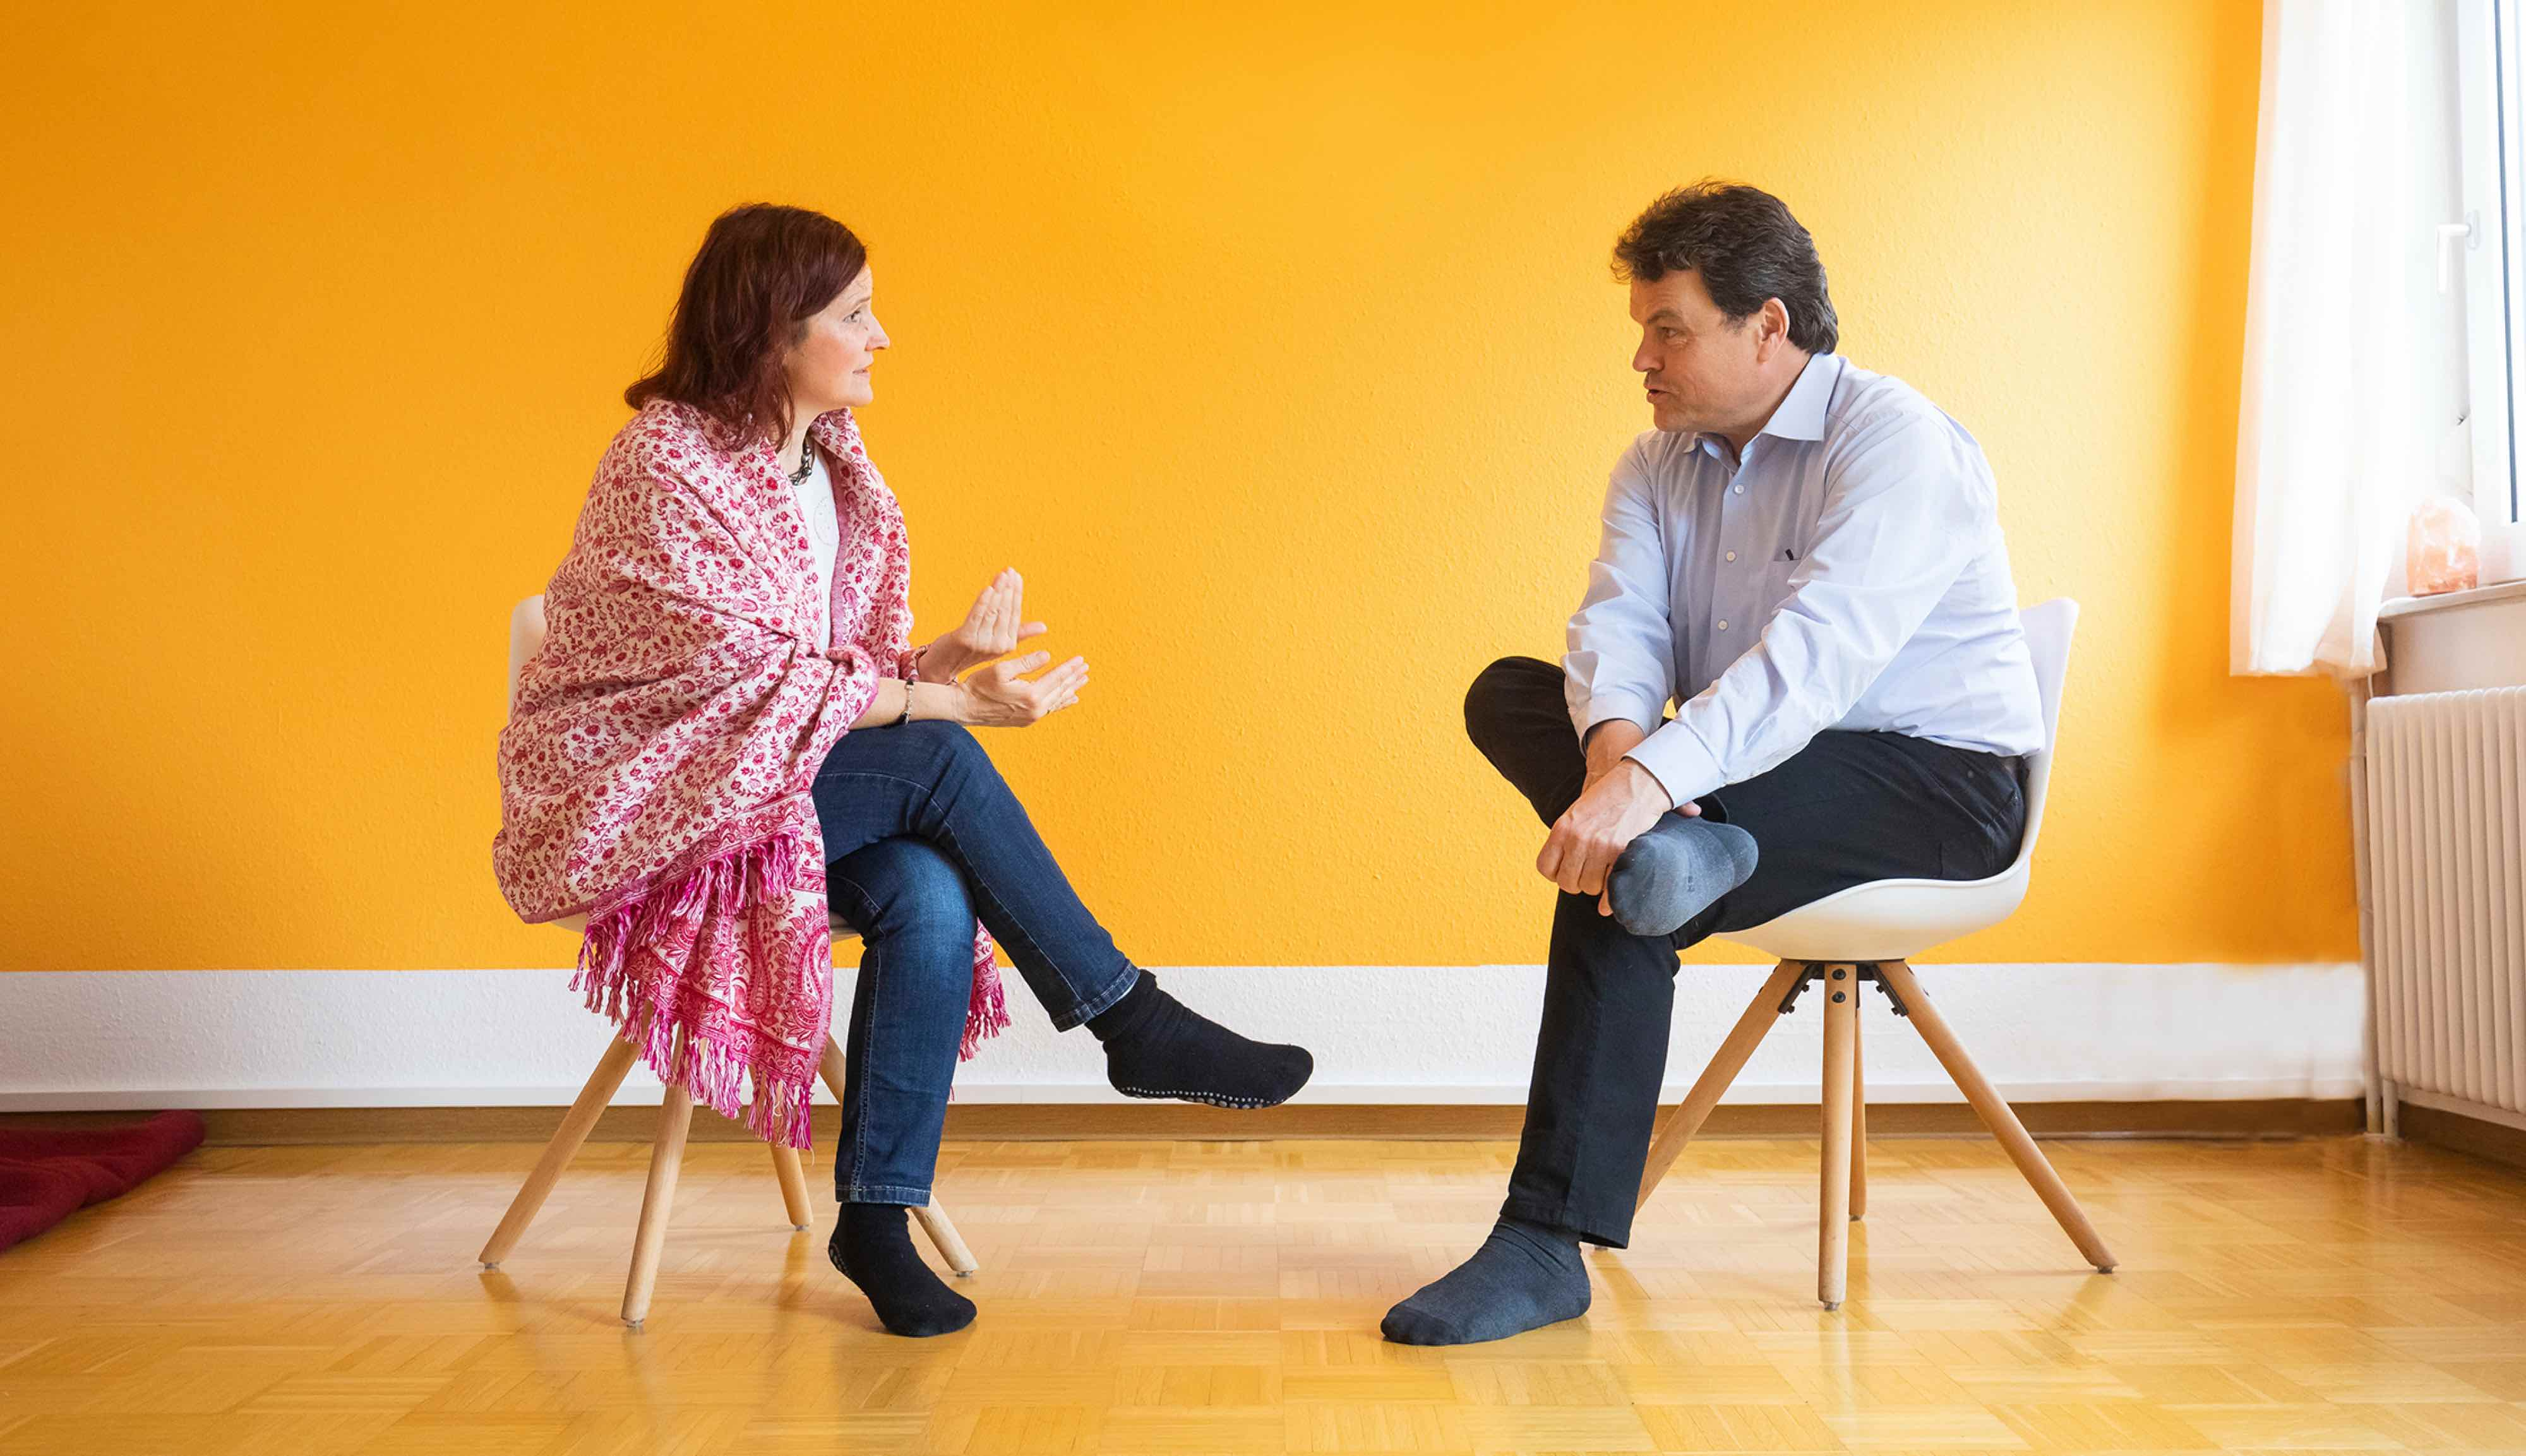 im Gespraech mit Klient in der Praxis für Psychotherapie